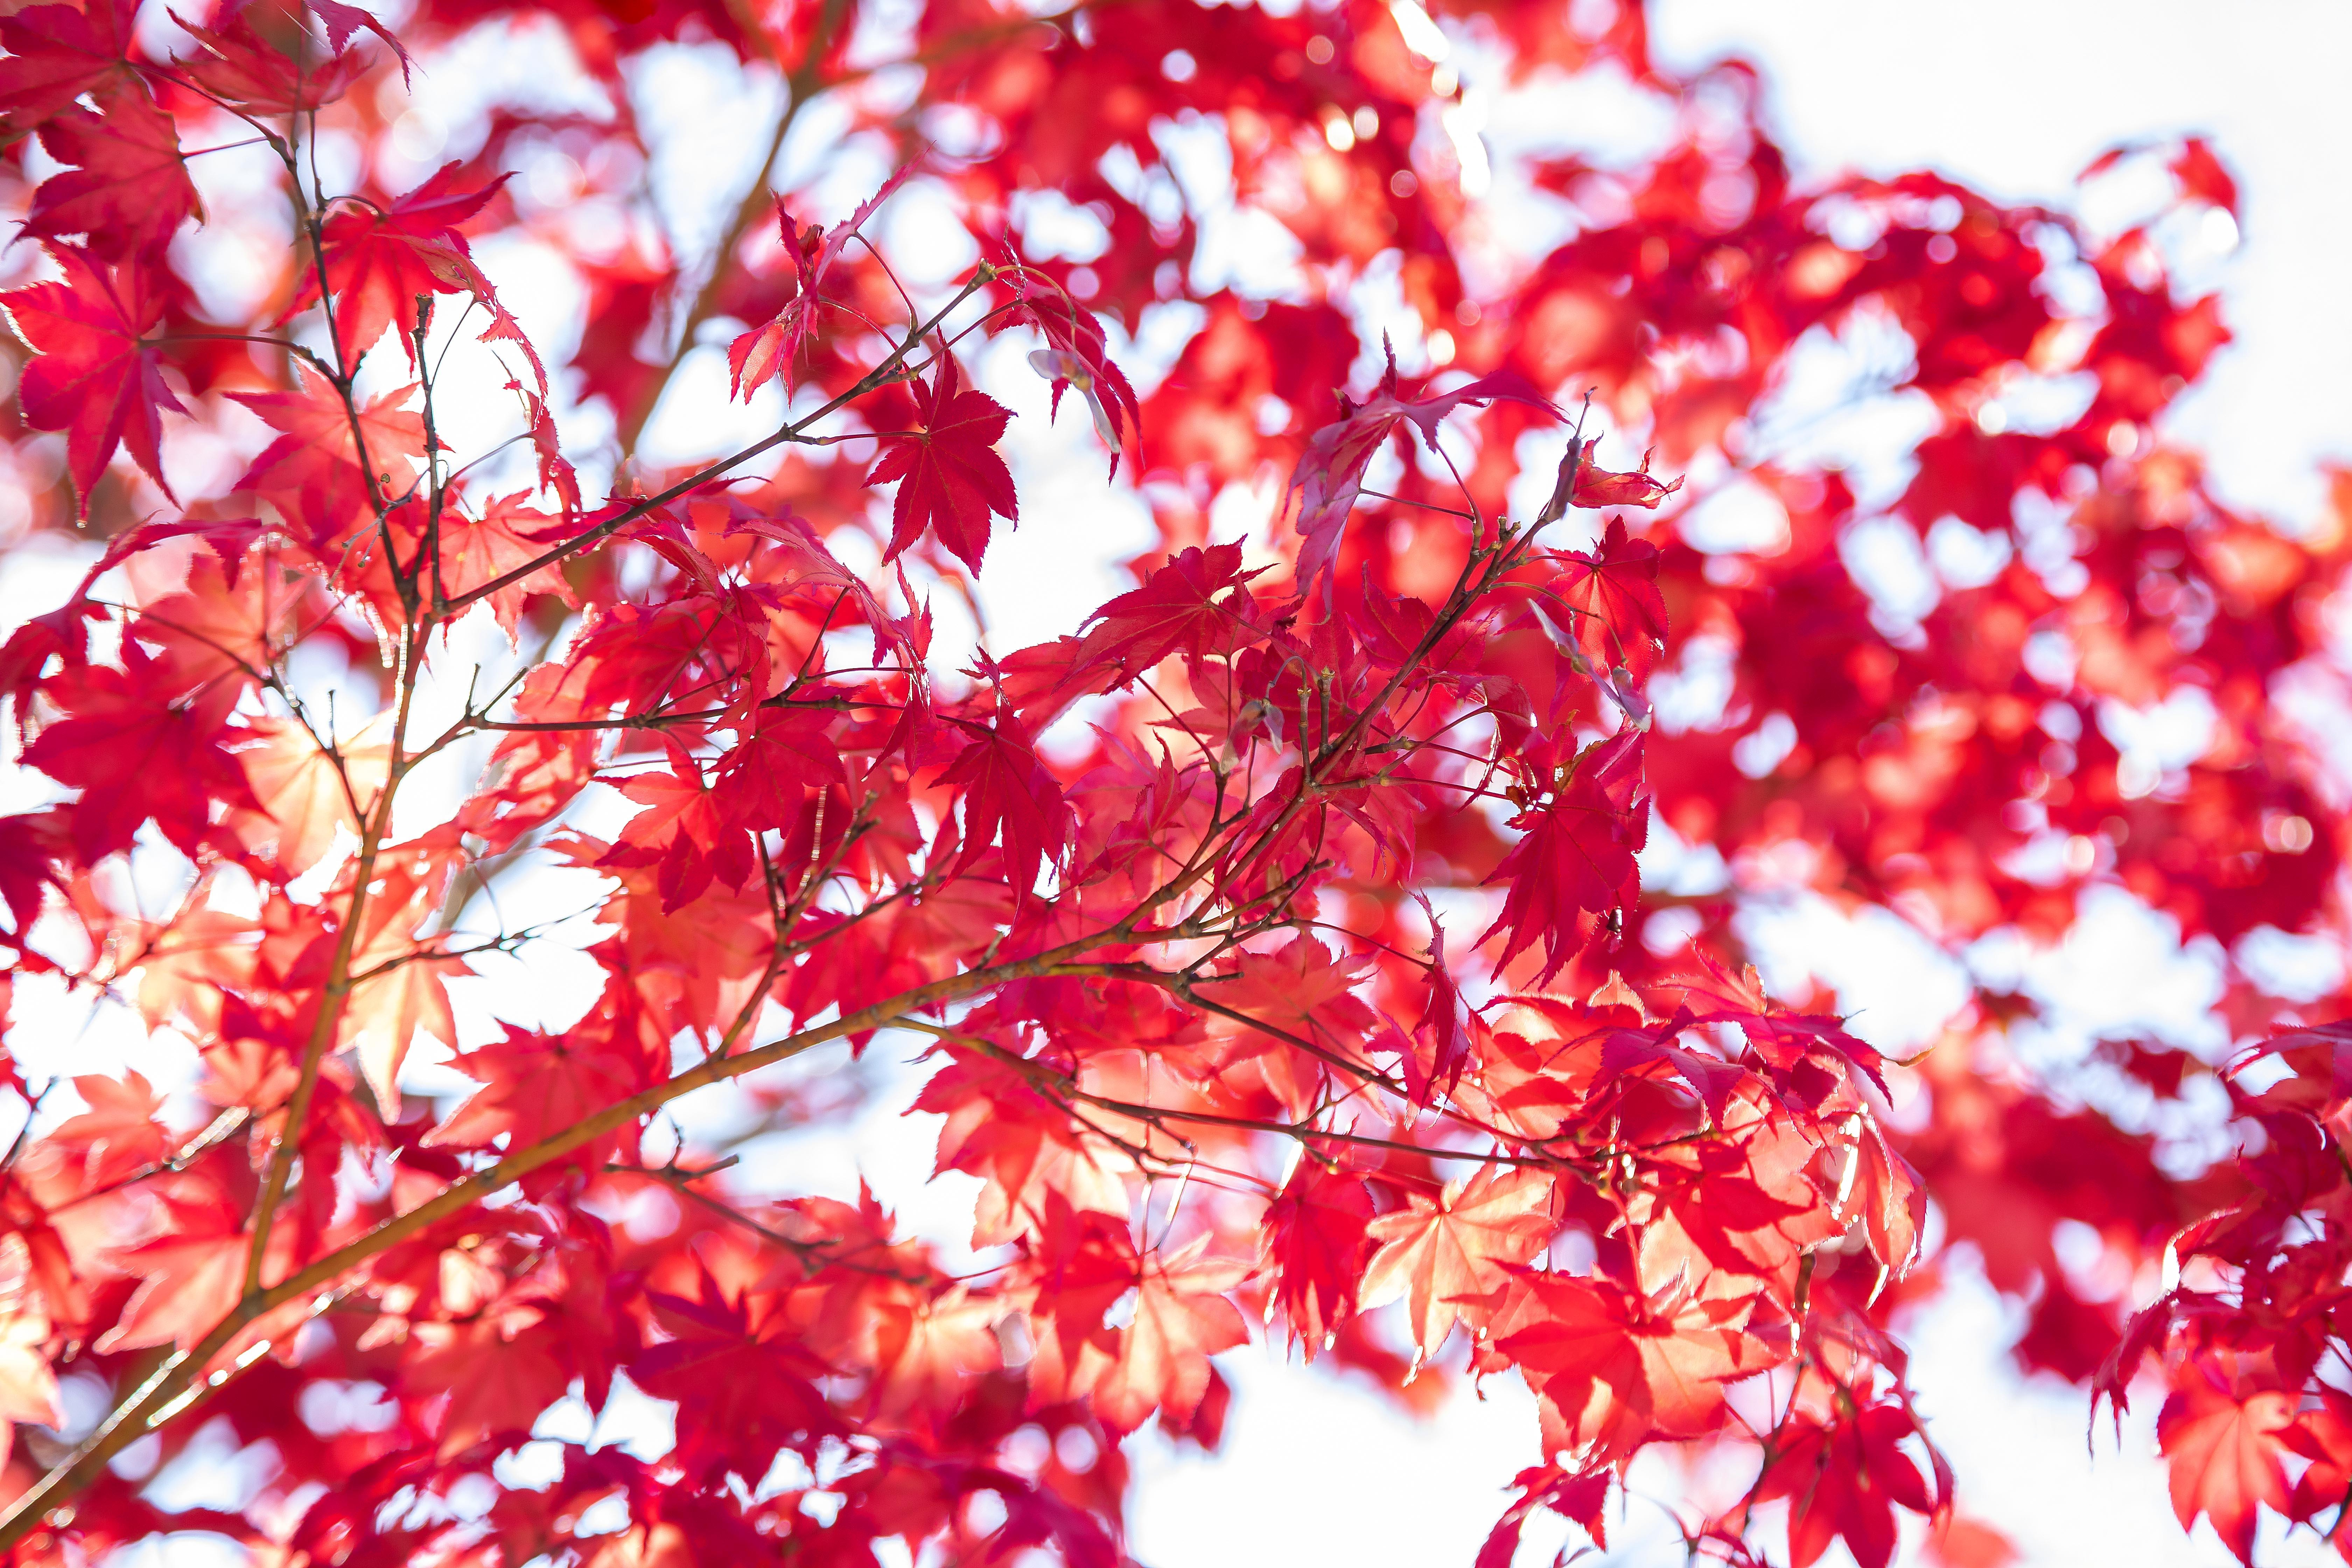 © Julia Hiebaum (La Jolla, California) | Japanese maple tree leaves